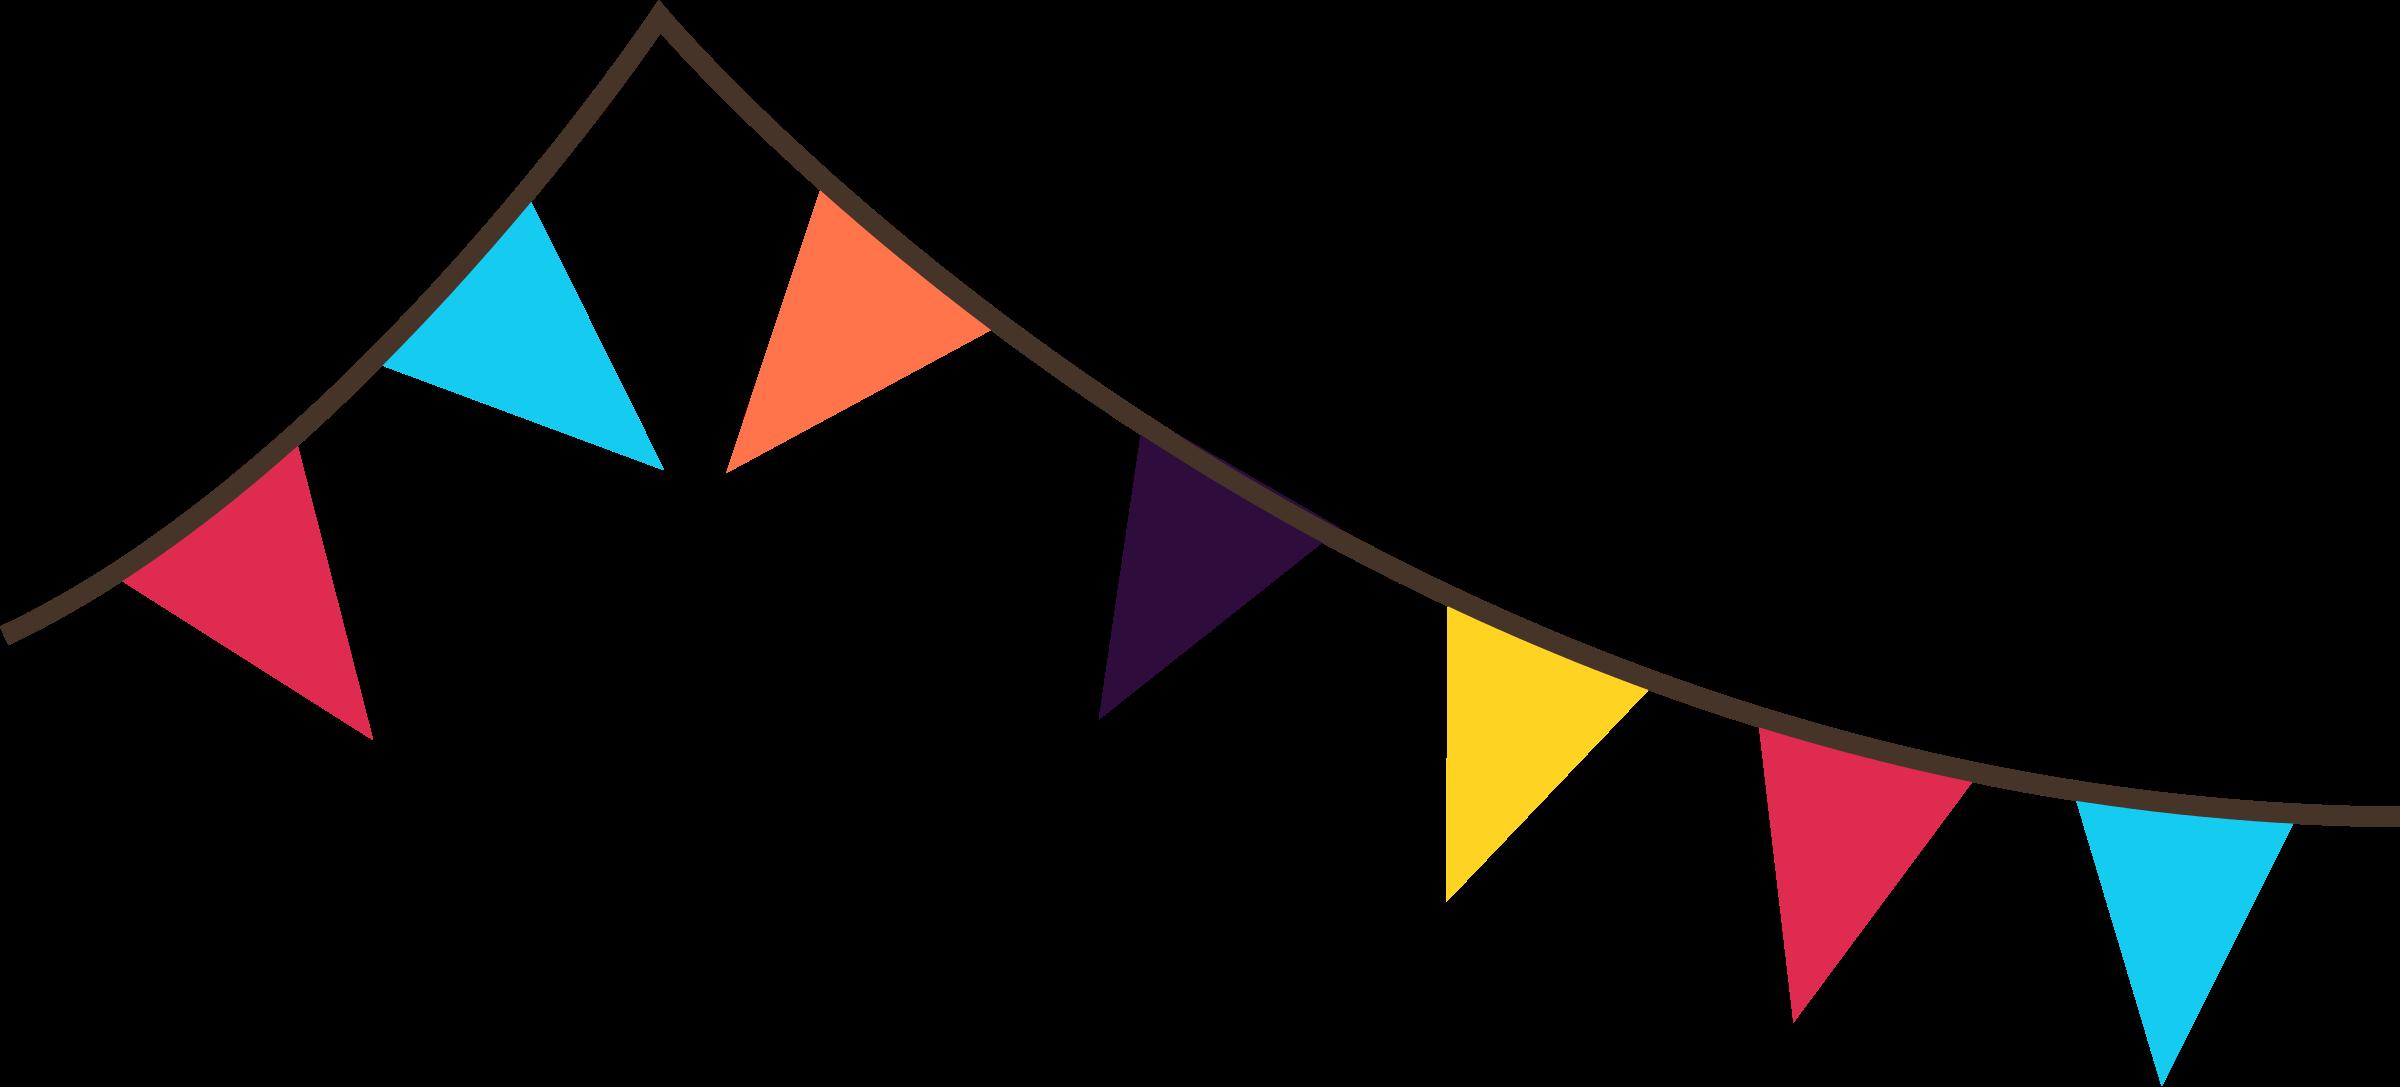 flag banner clipart-flag banner clipart-2